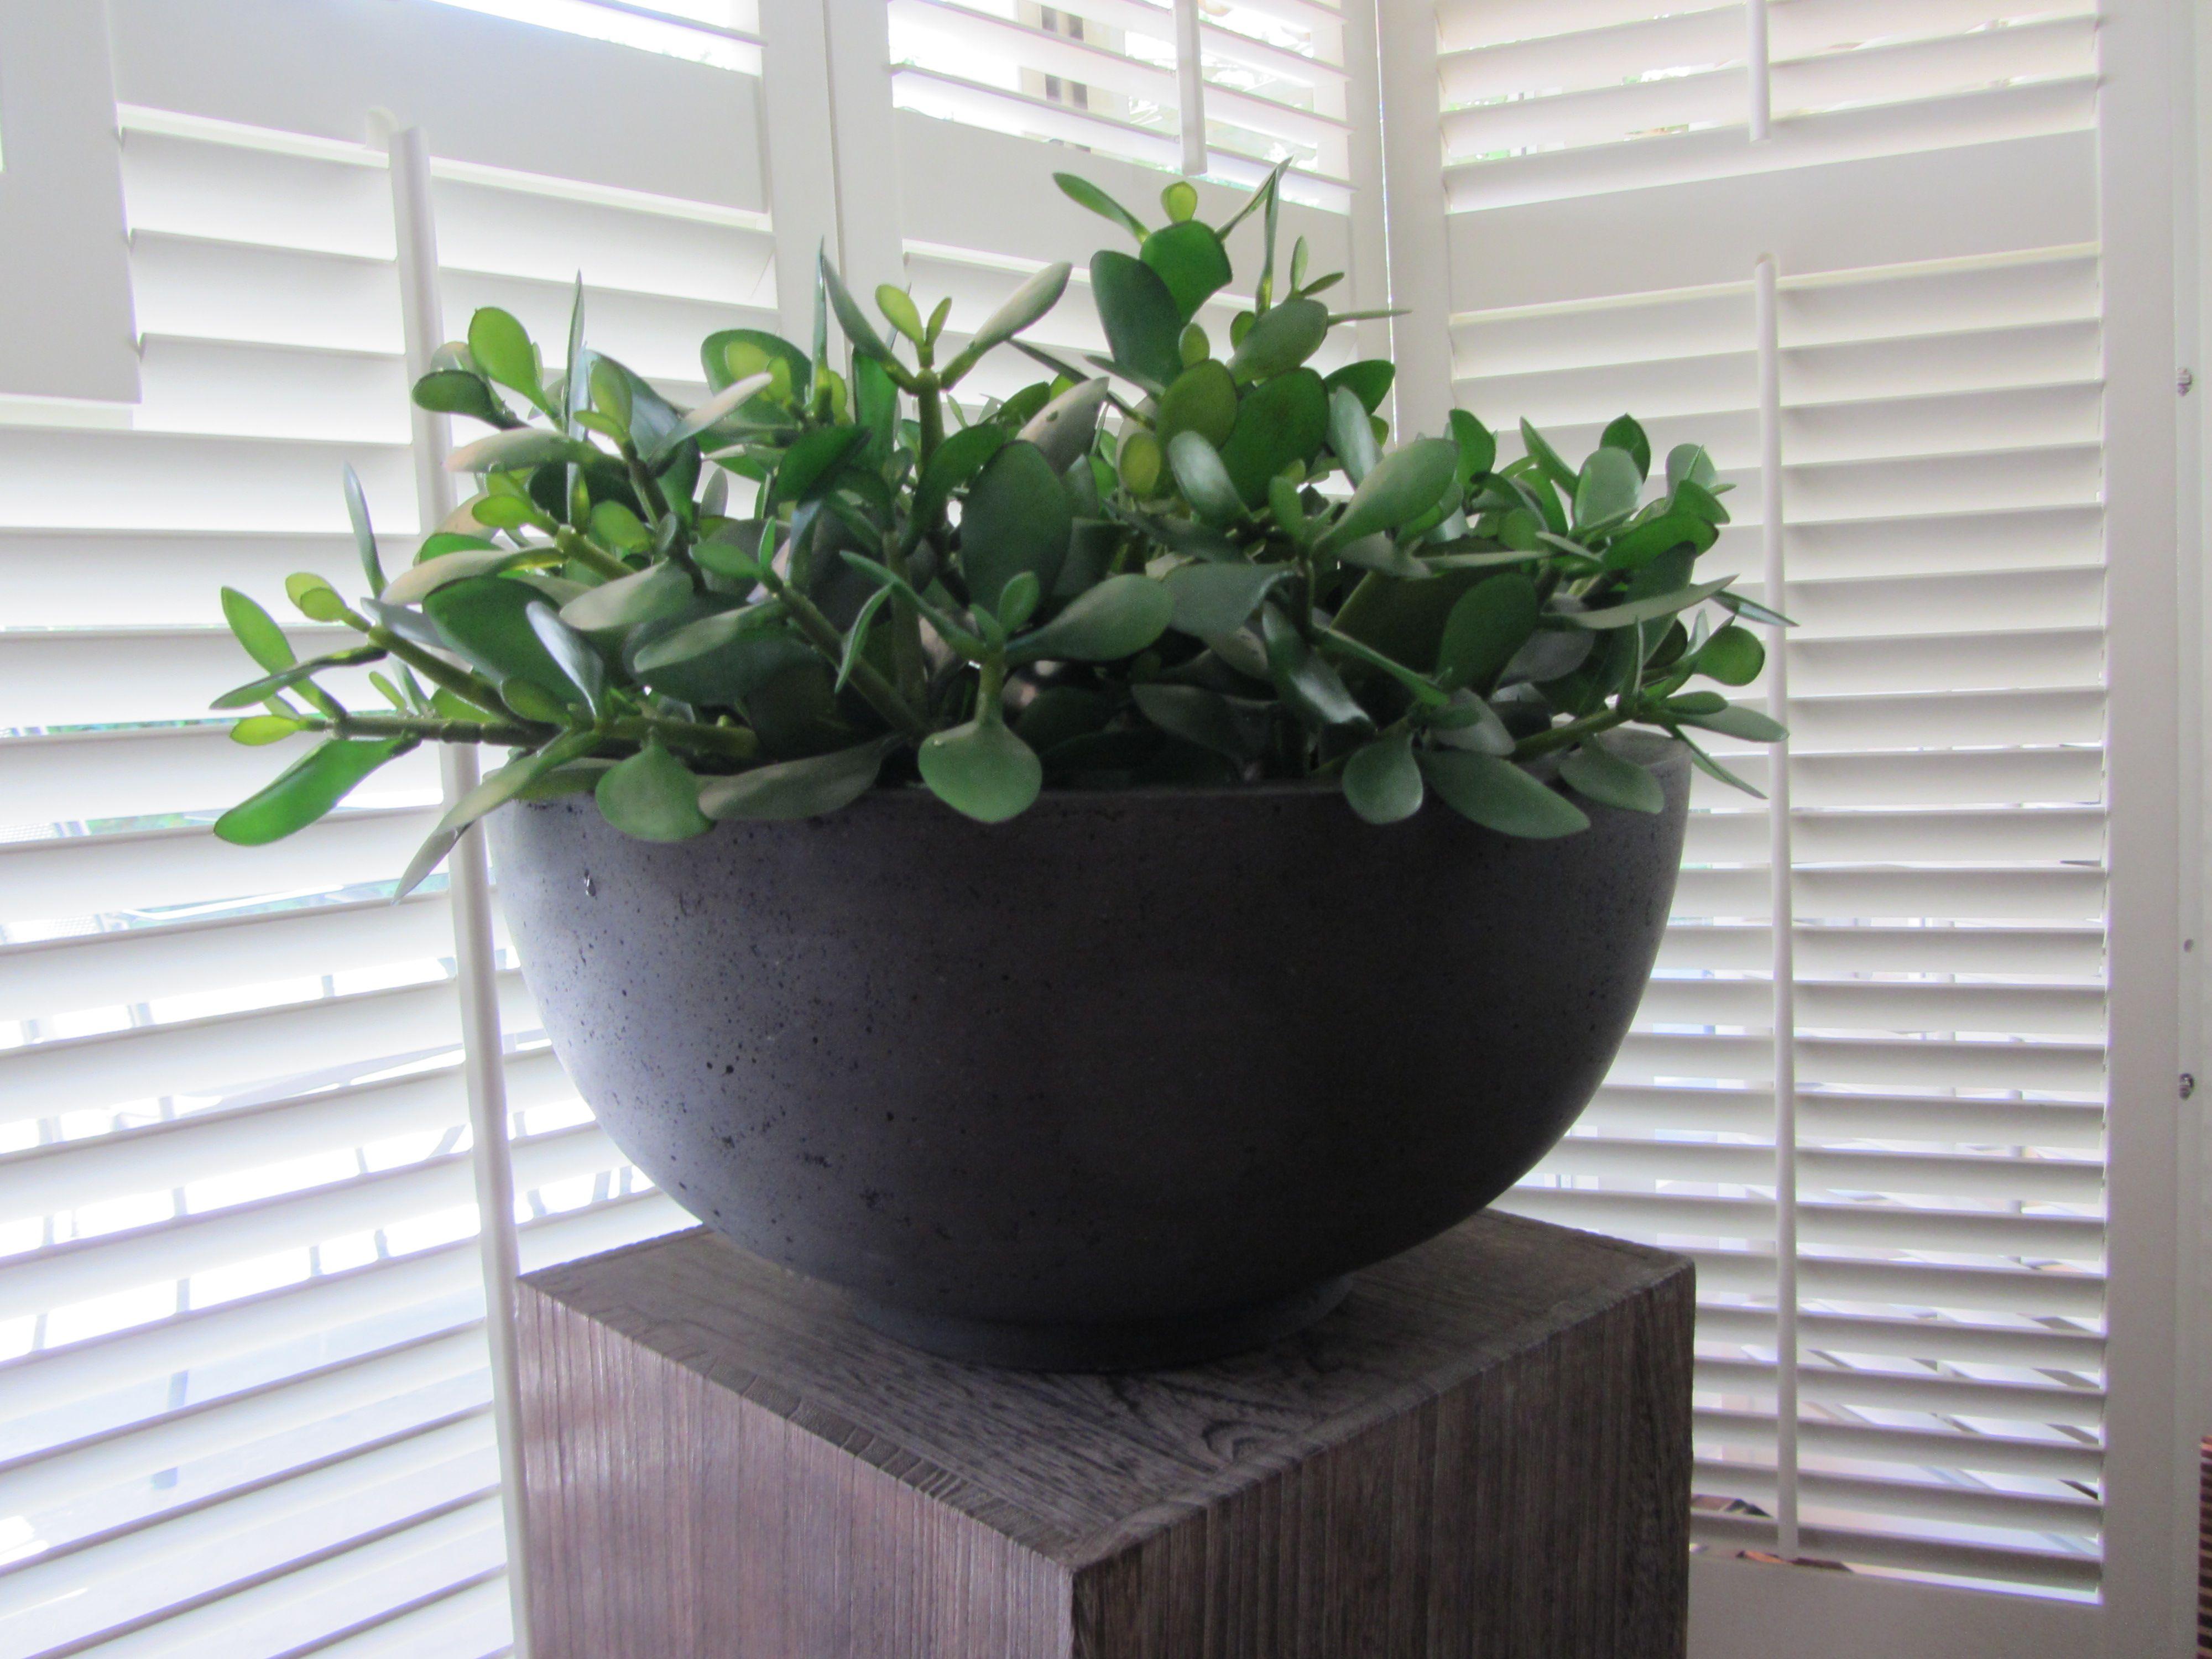 15x Eucalyptus Huis : Schaal gevuld met crassula vetplantjes. www.abonneefleur.nl